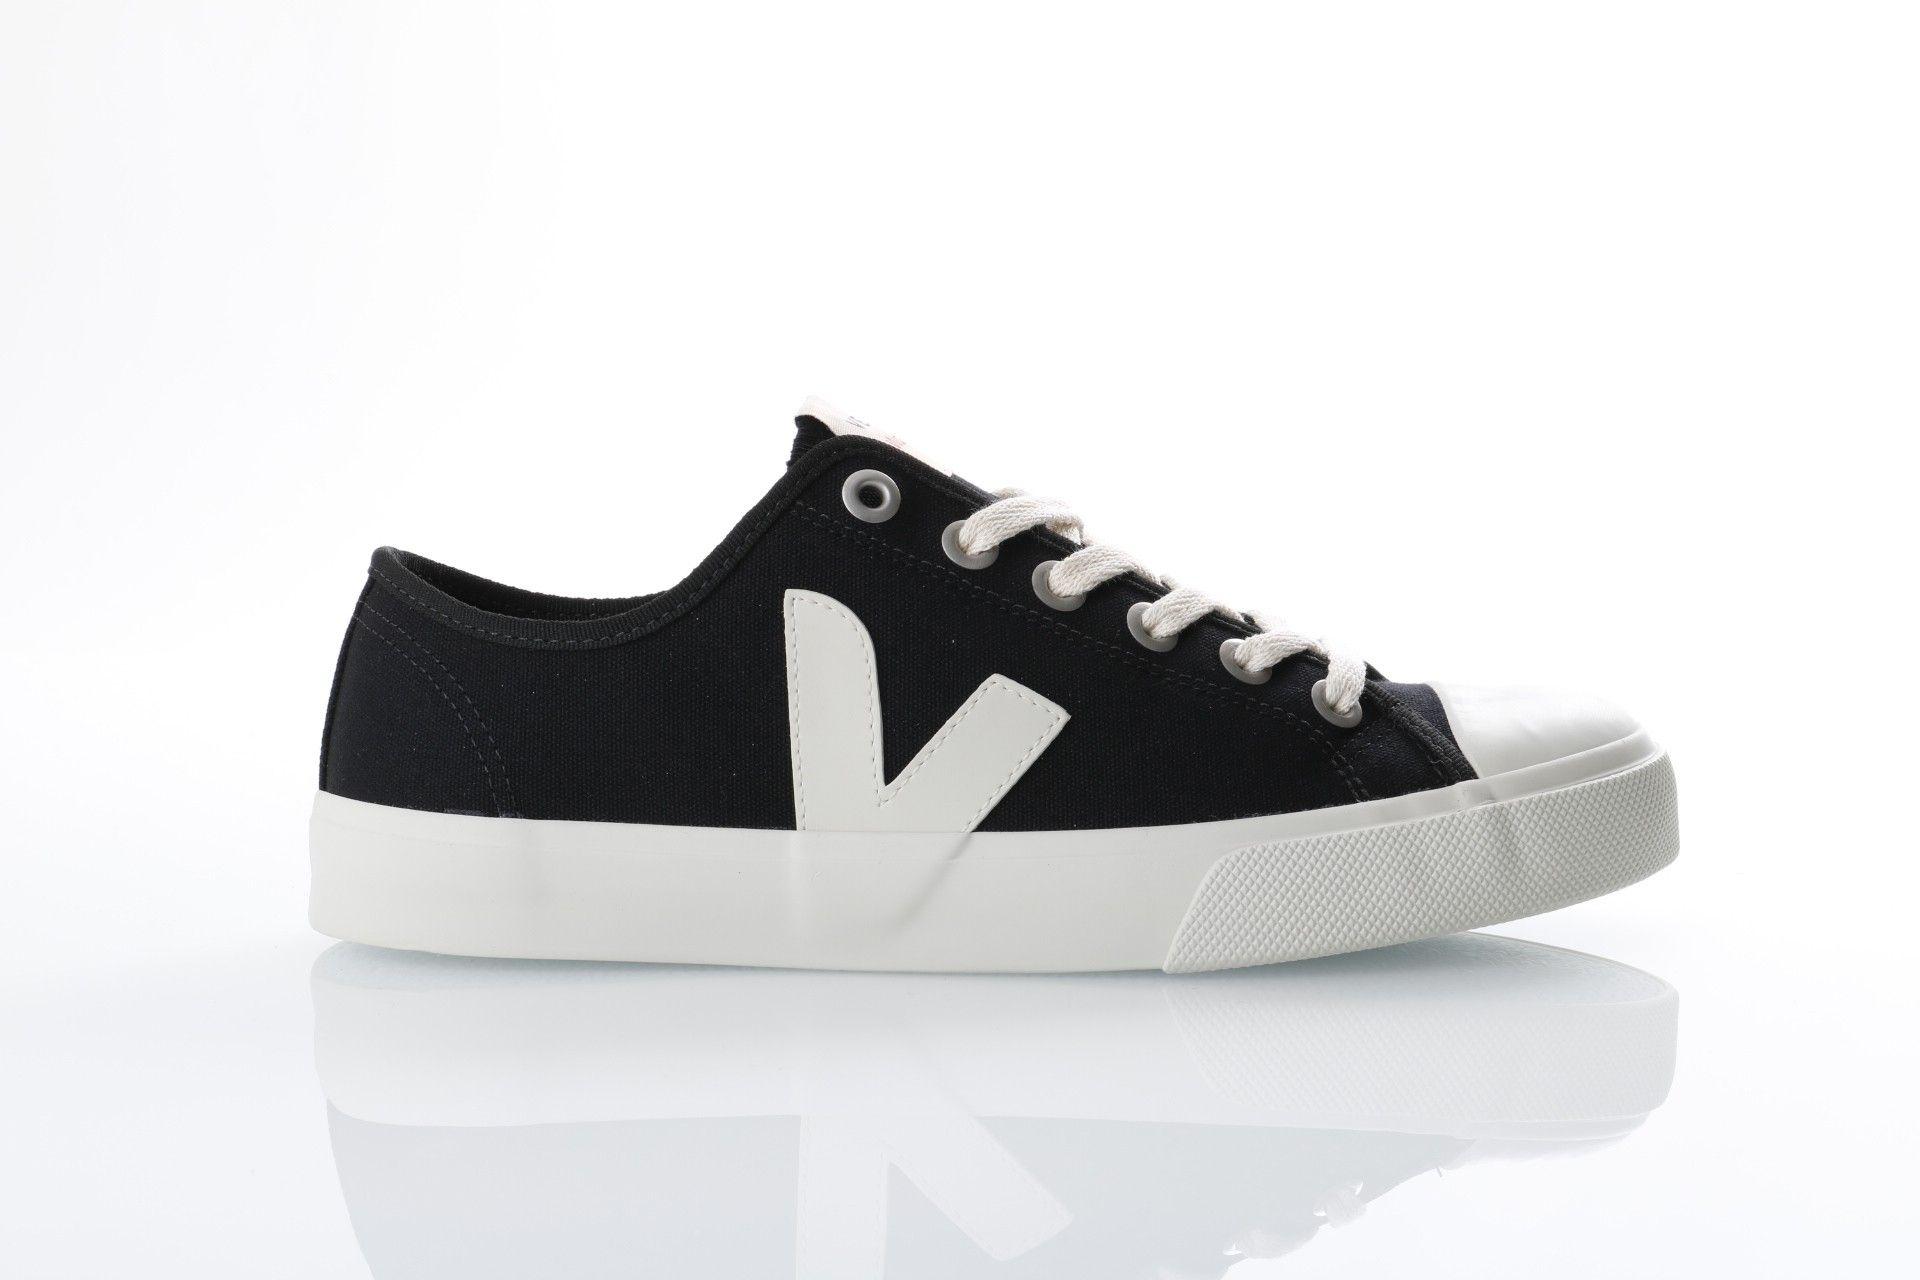 Afbeelding van Veja Wt011347 Sneakers Wata Zwart